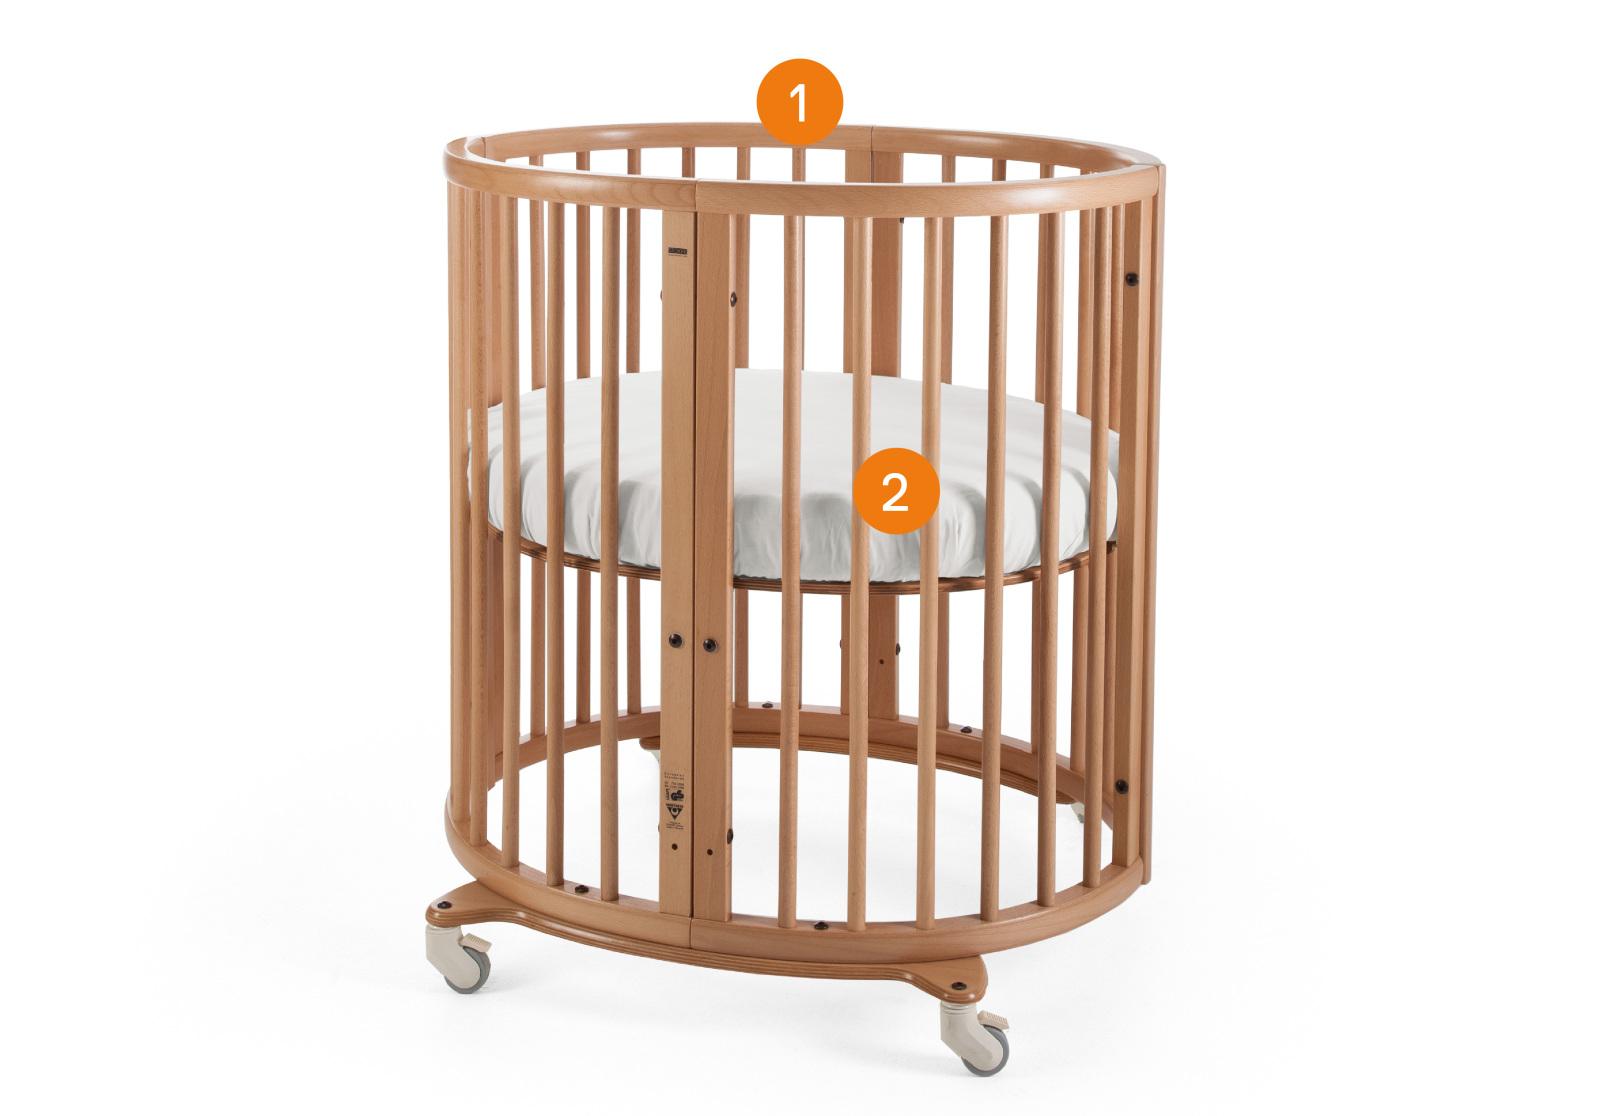 baby bed stokke sleepi stokke. Black Bedroom Furniture Sets. Home Design Ideas